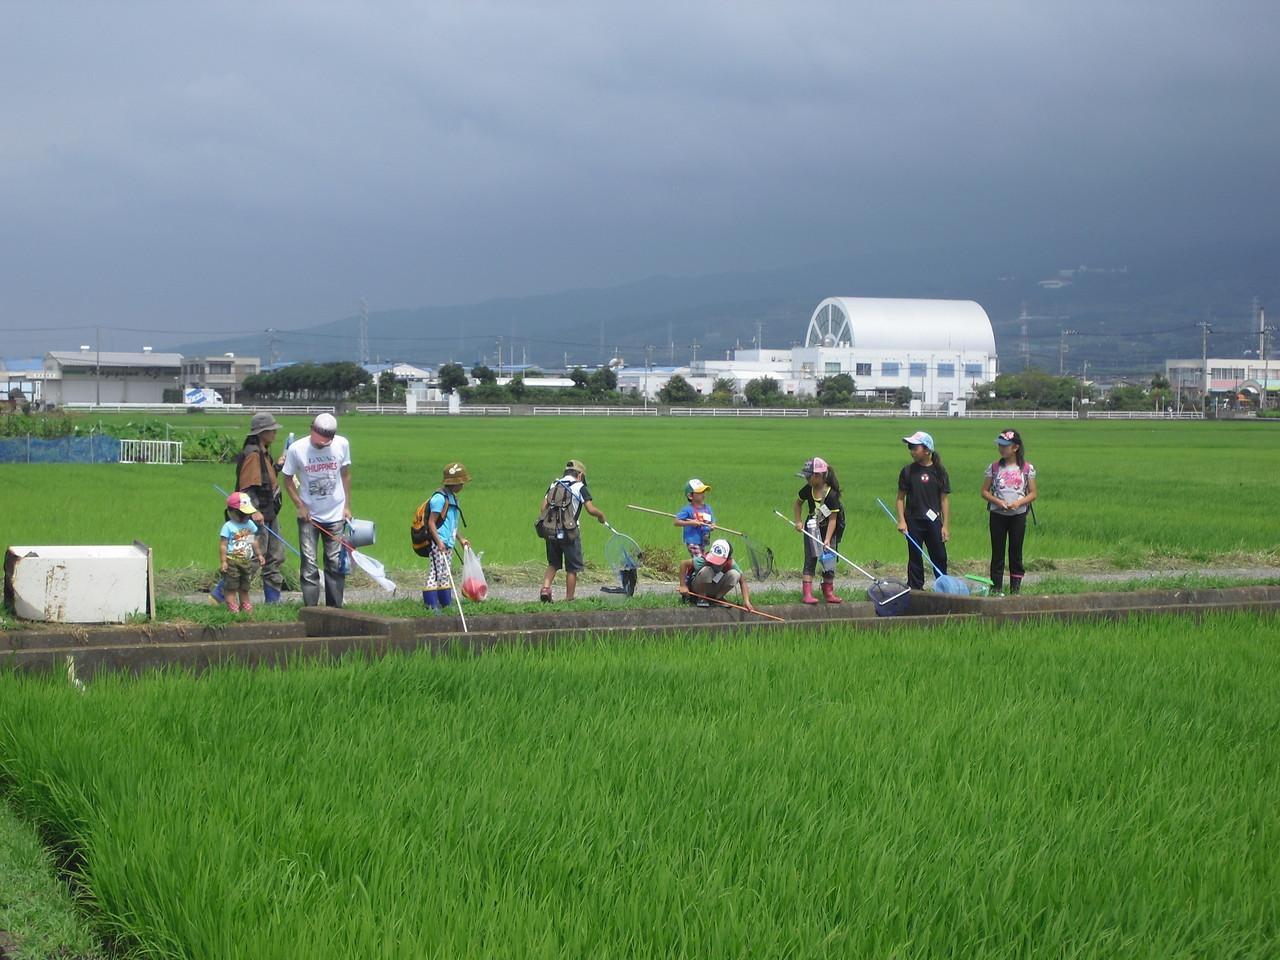 田んぼの中を歩く、この風景がとても好きです。年に一度のお楽しみ〜